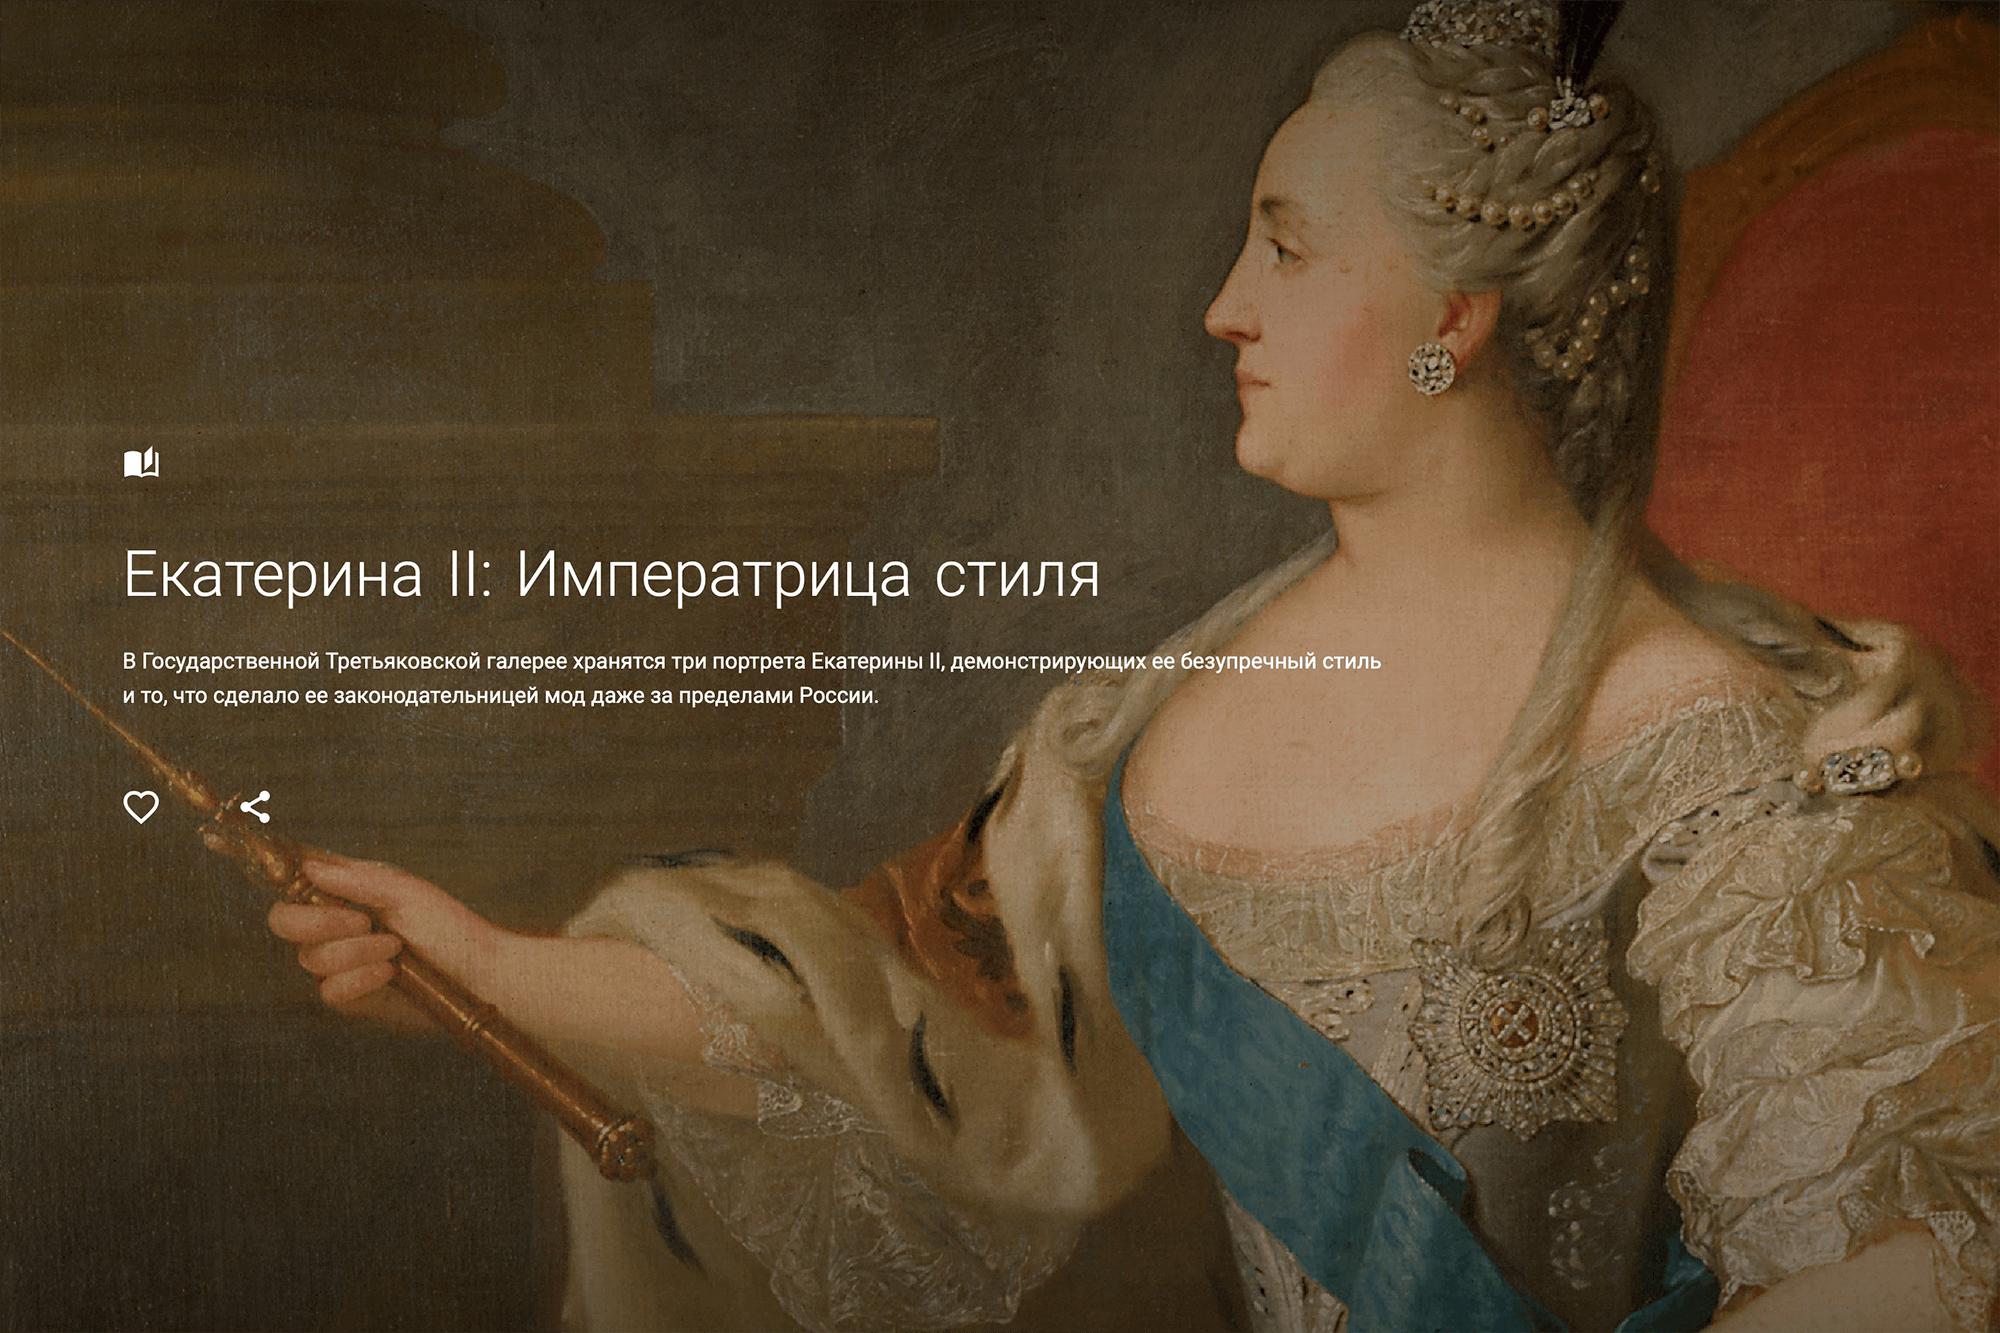 Одна из онлайн-выставок посвящена императрице Екатерине II